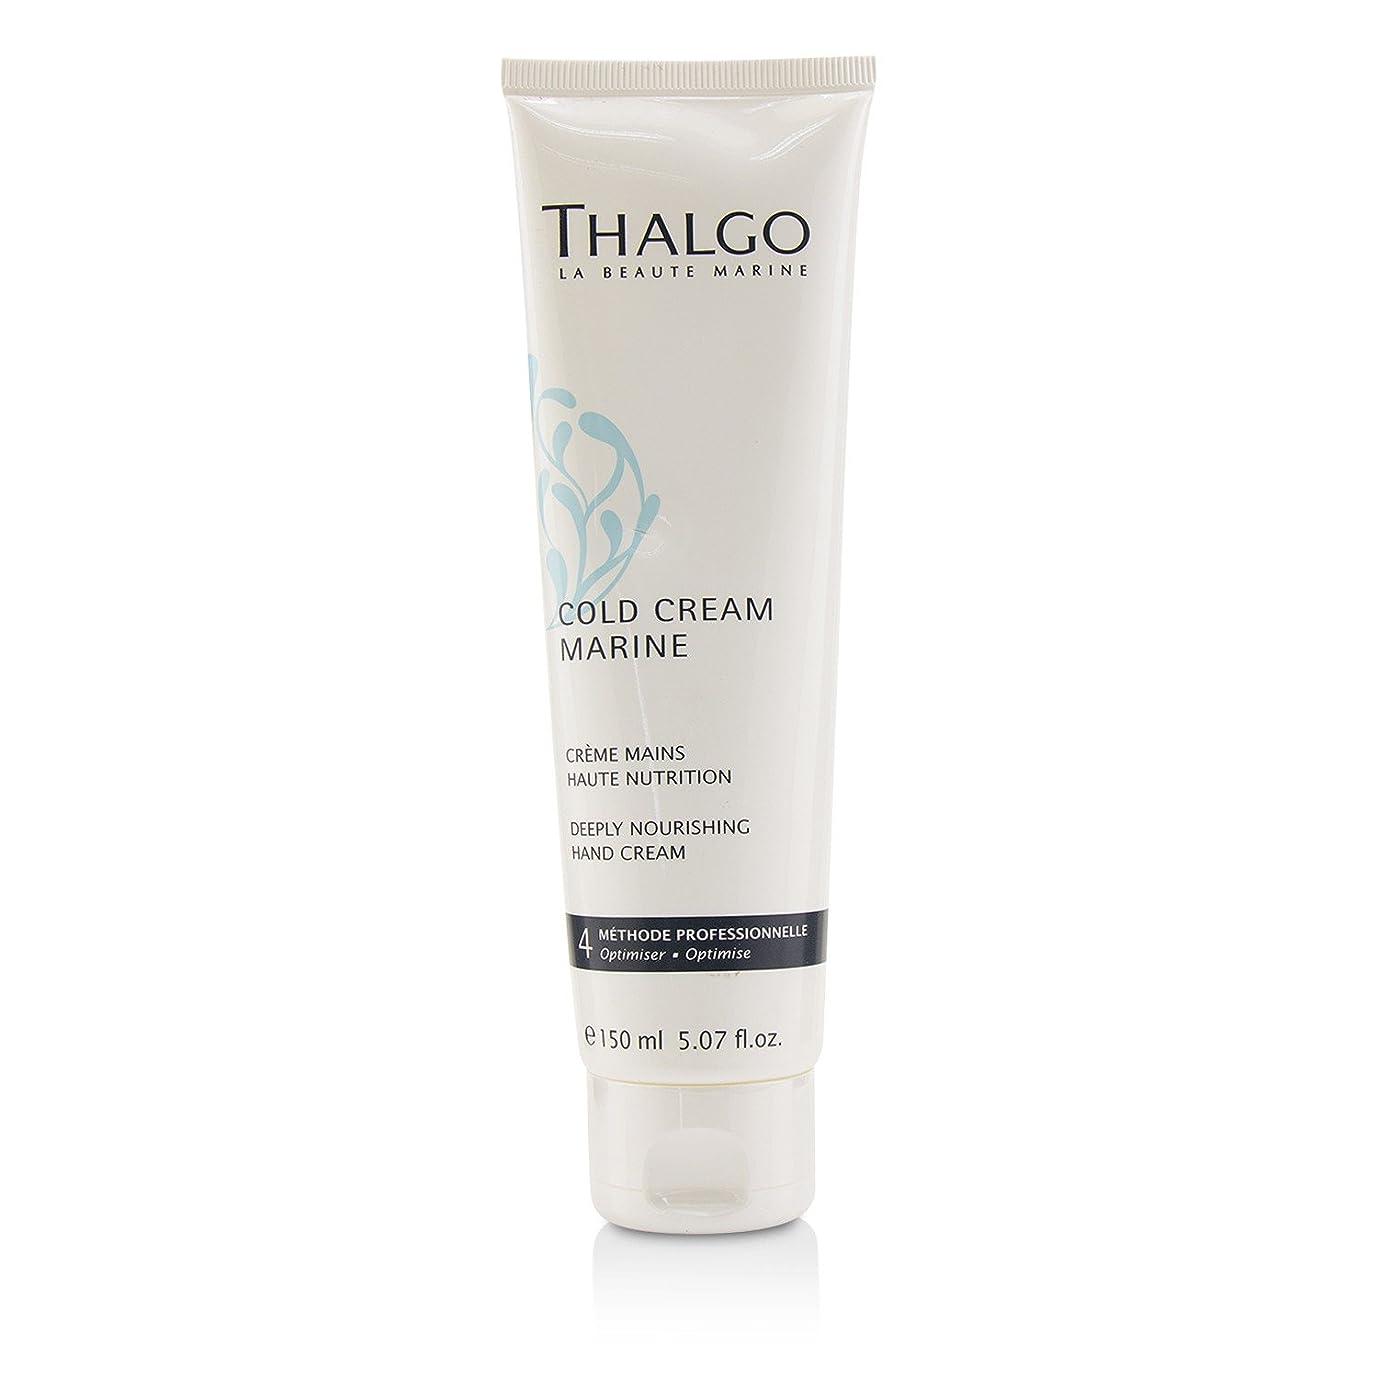 踊り子価格非アクティブタルゴ Cold Cream Marine Deeply Nourishing Hand Cream - For Dry, Very Dry Hands (Salon Size) 150ml/5.07oz並行輸入品